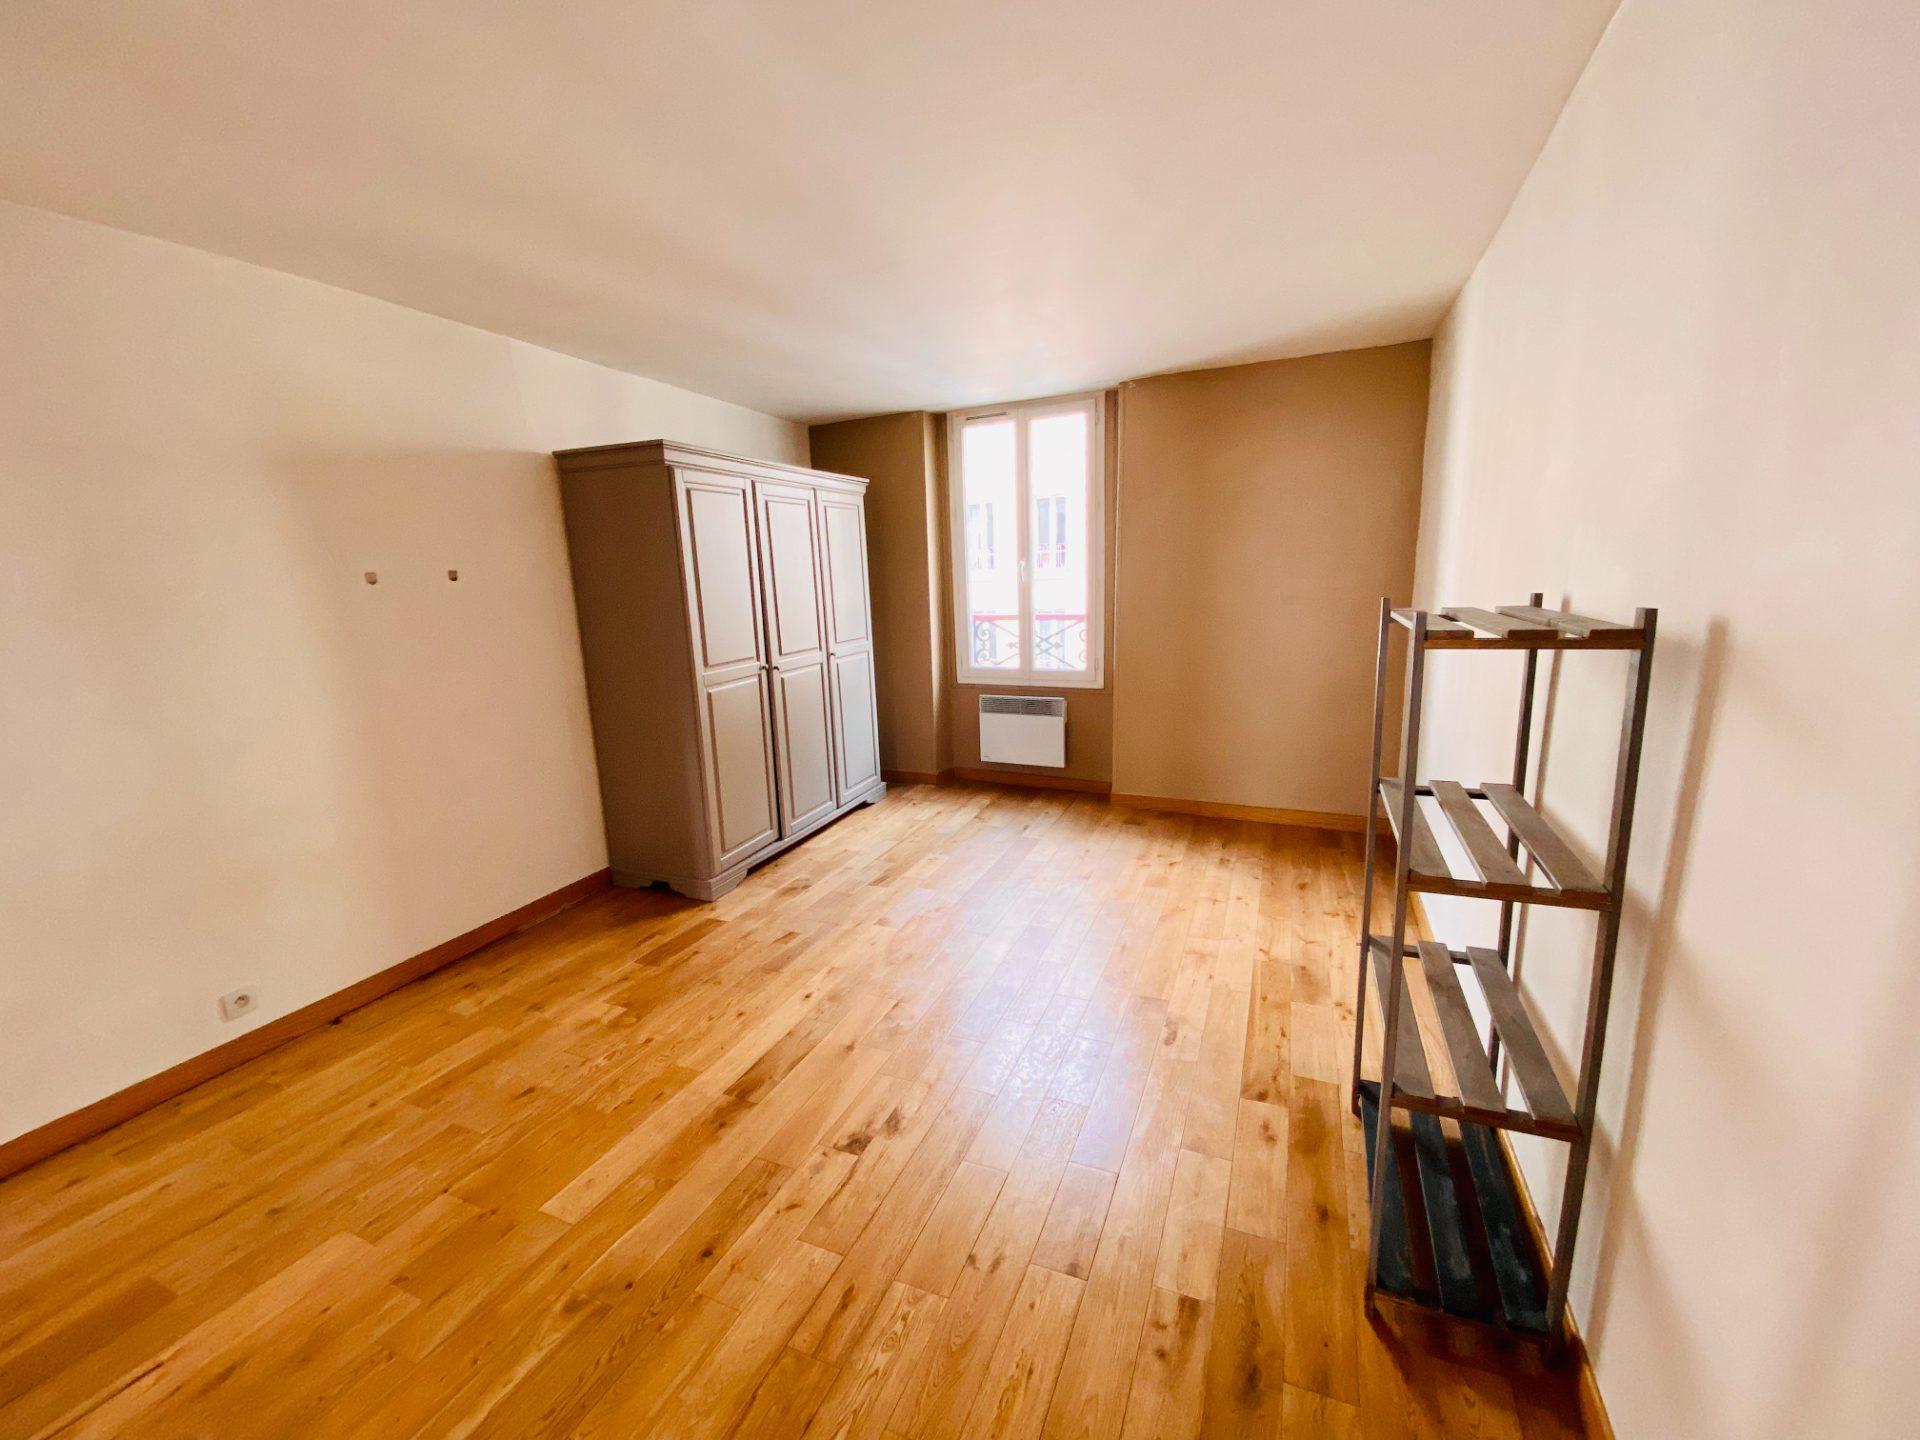 Appartement PARIS 18 – 2 pièce(s) – 28 m2 1